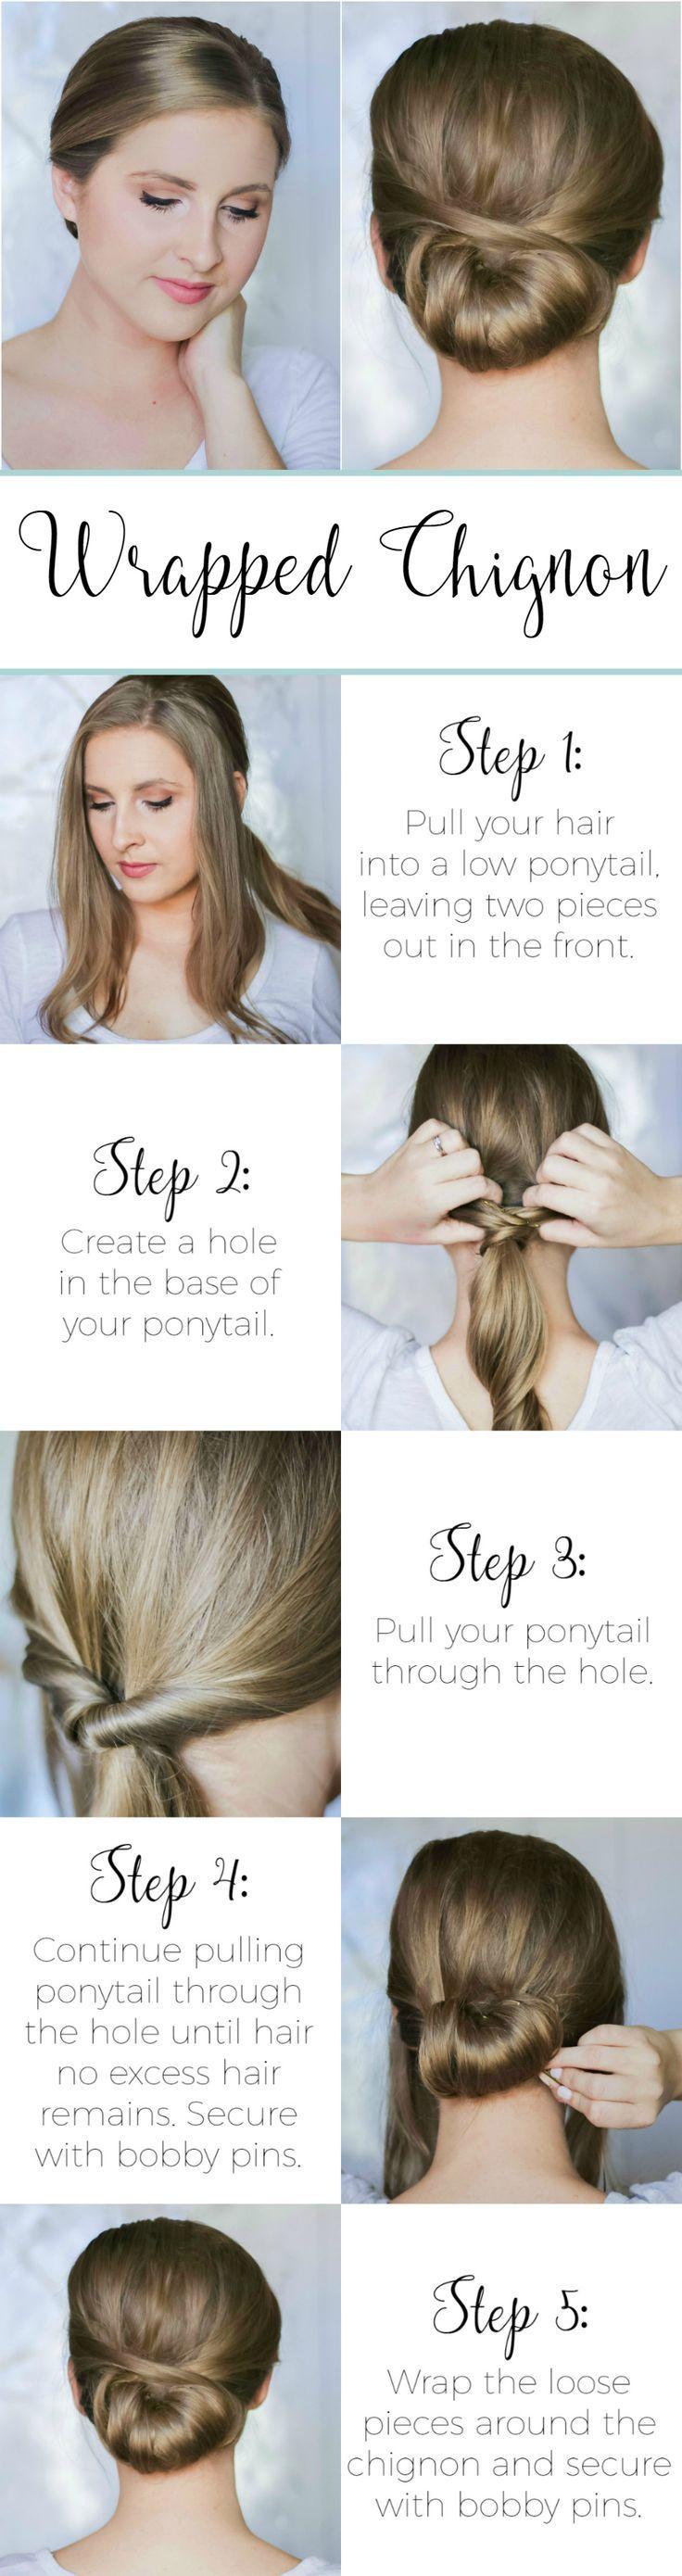 329 best HAIR images on Pinterest